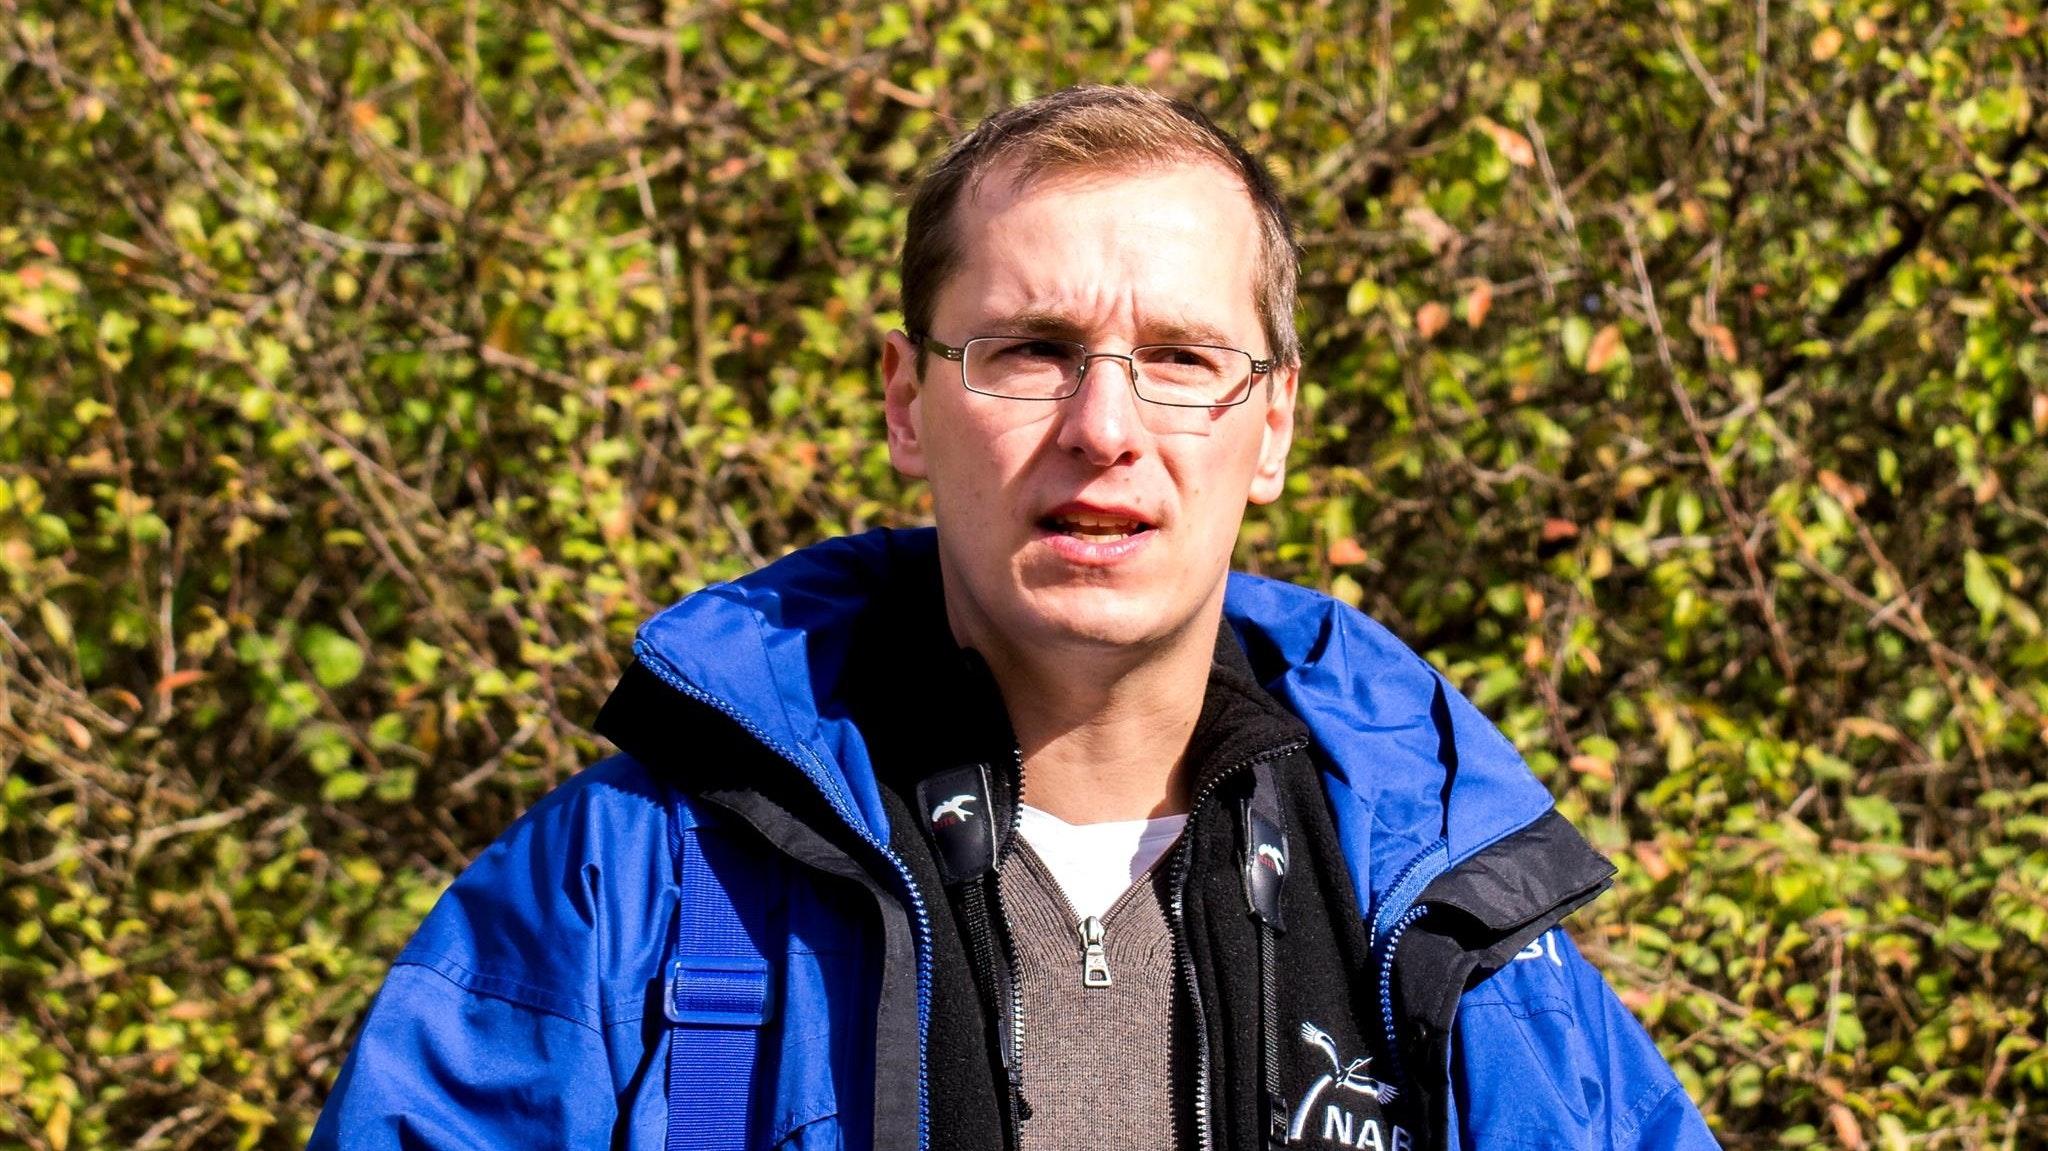 """Mitinitiator des """"Volksbegehrens Artenvielfalt"""": Dr. Nick Büscher, erster stellvertretender Landesvorsitzender des Naturschutzbundes (Nabu). Foto: Büscher/Nabu"""